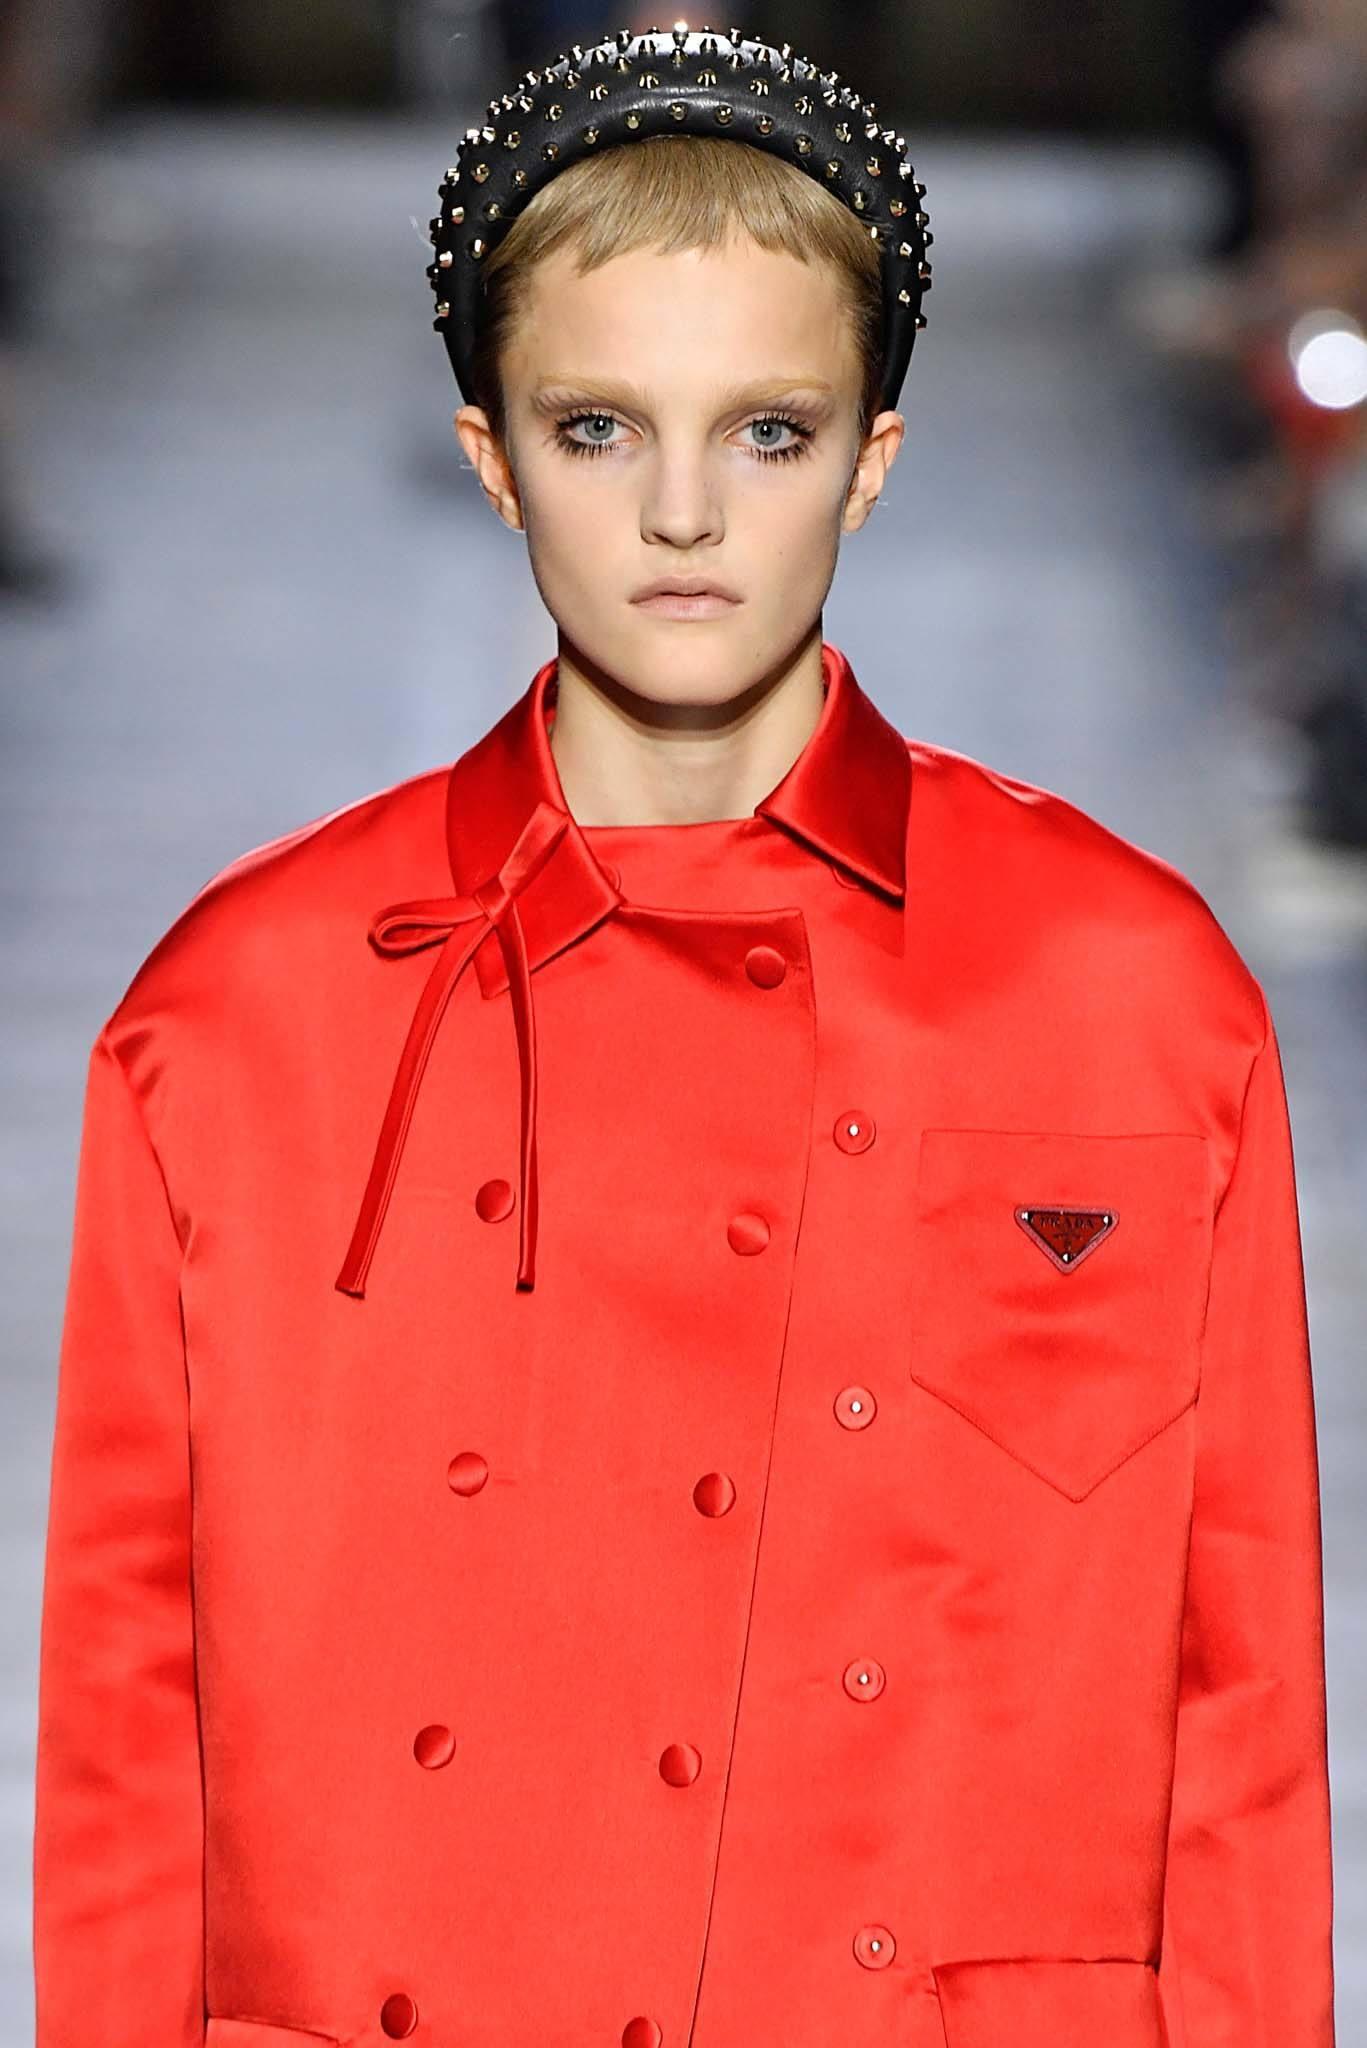 Frange courte: Modèle aux cheveux blonds portant un grand bandeau avec micro frange chez Prada.